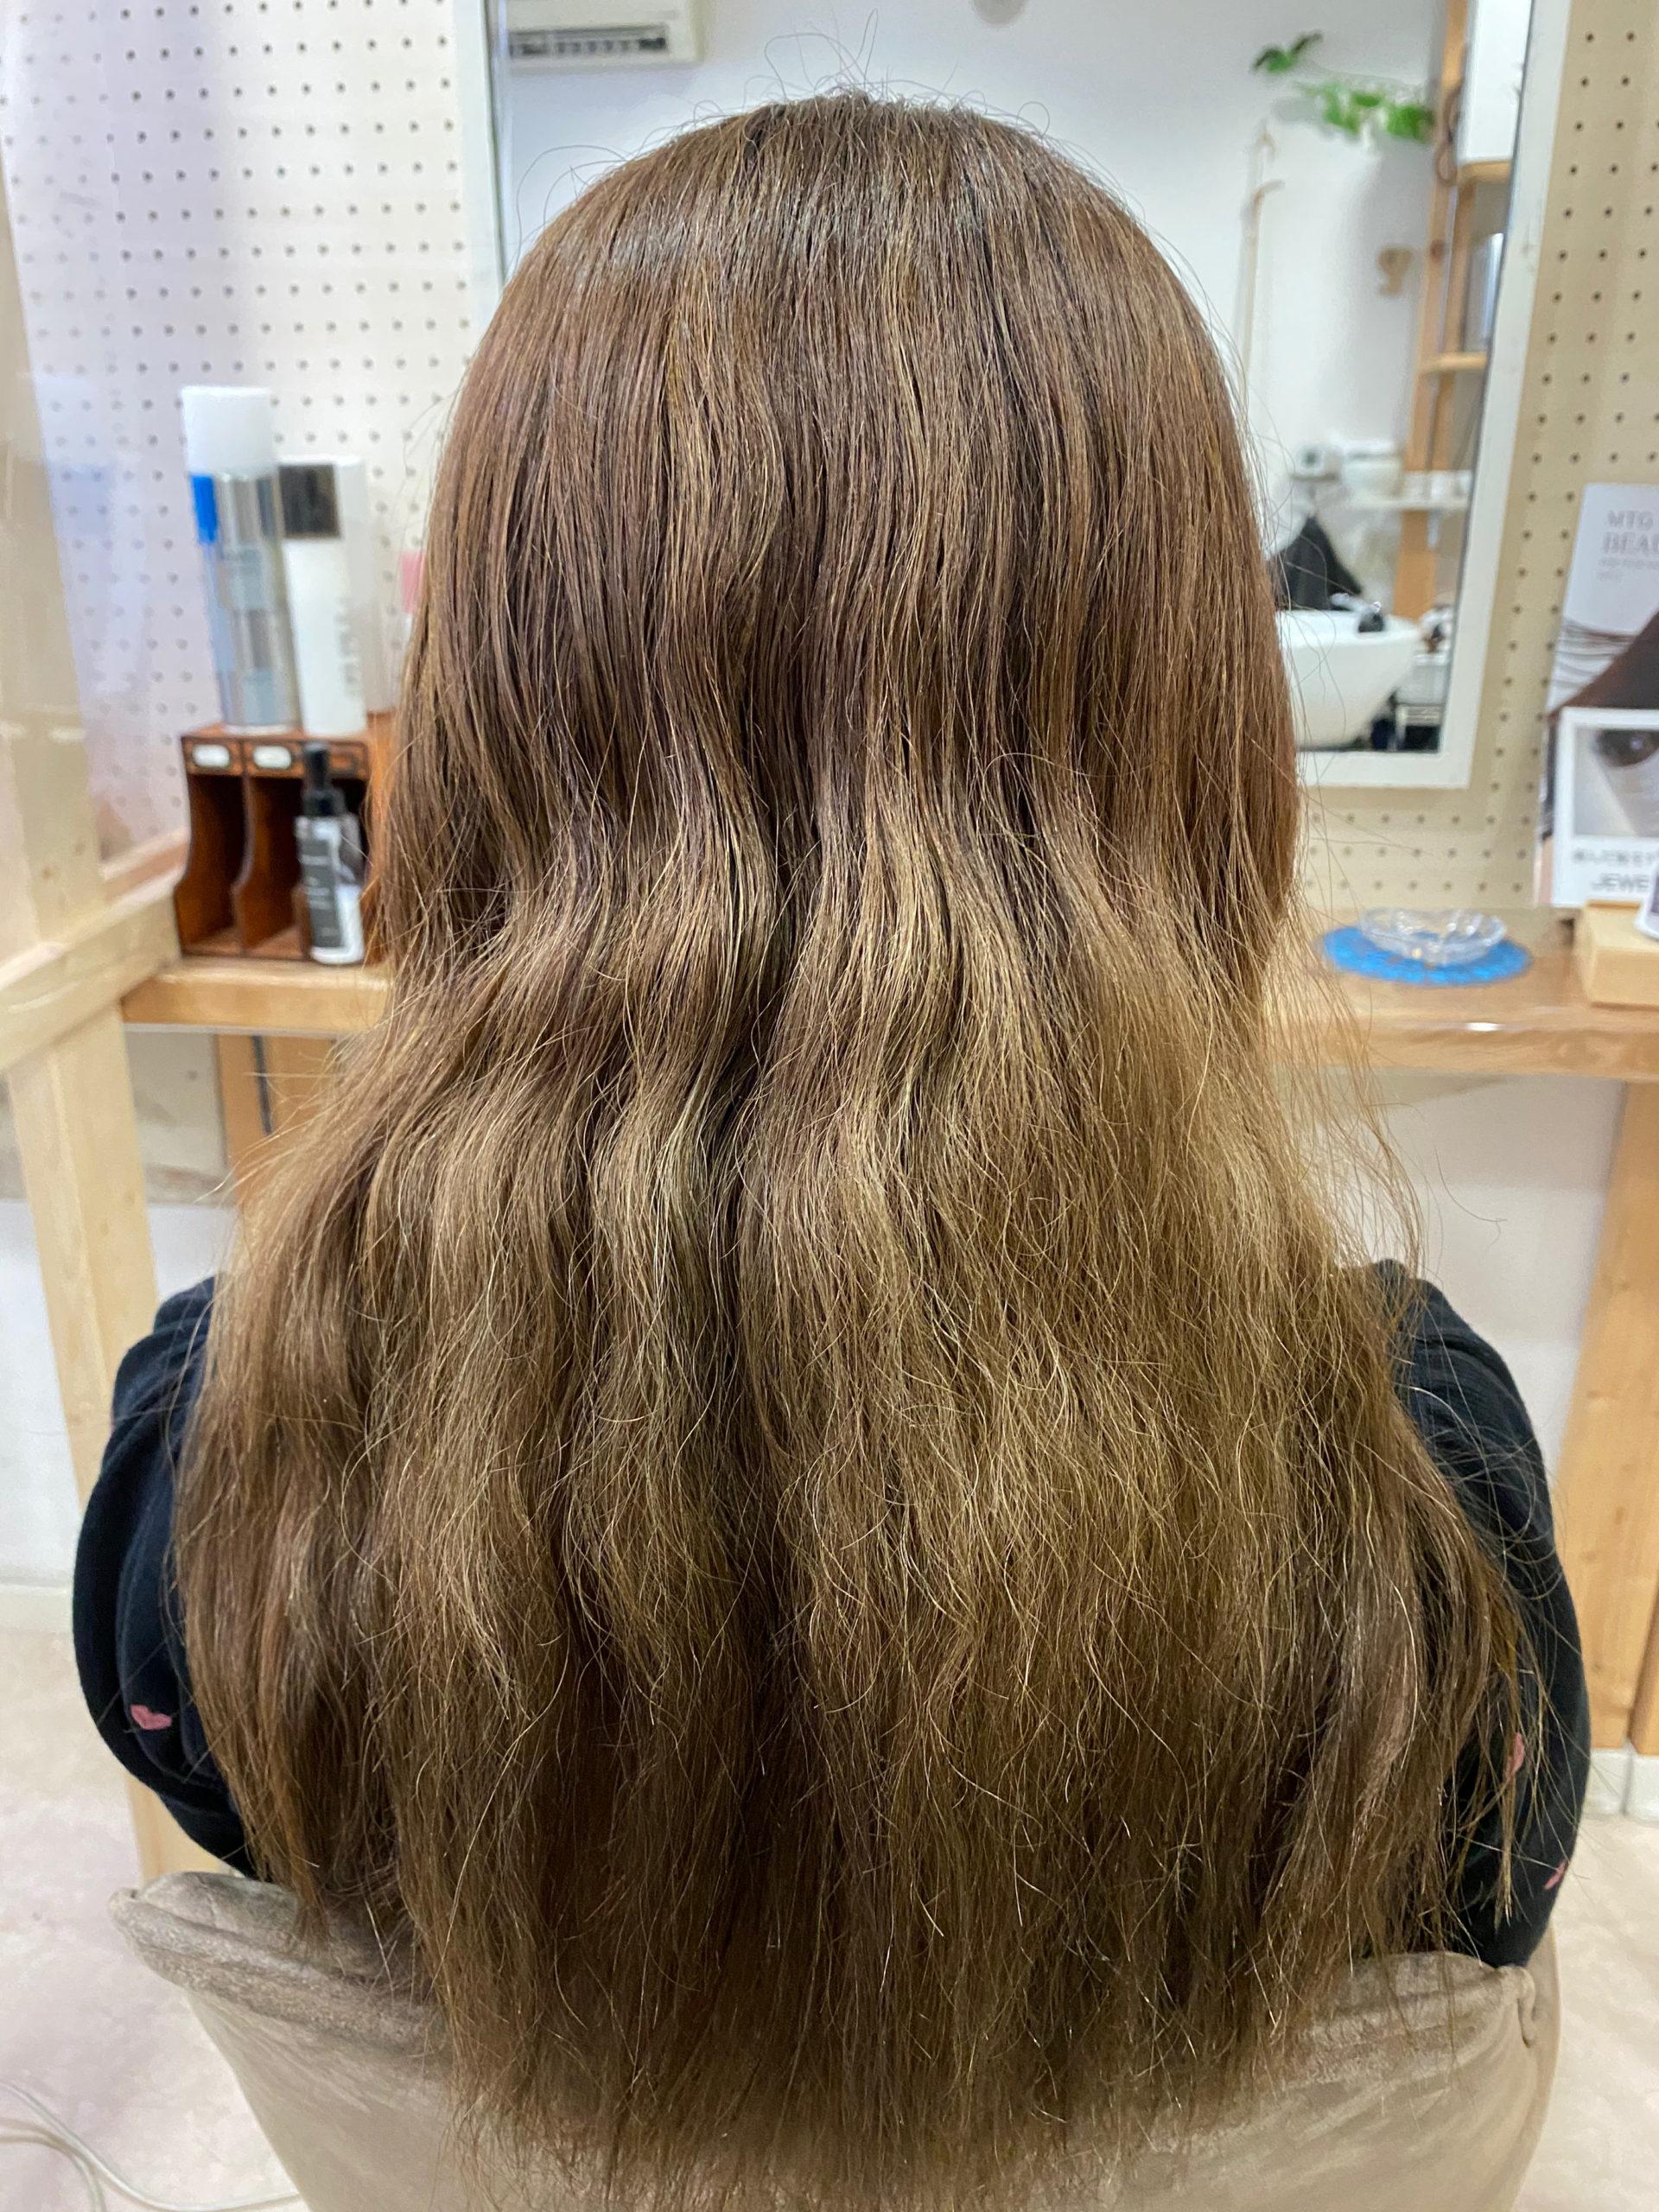 ブリーチを数回繰り返してパサつきが気になる方を縮毛矯正で艶髪ストレートヘアに変身。原宿・表参道『髪のお悩みを解決するヘアケア美容師の挑戦』